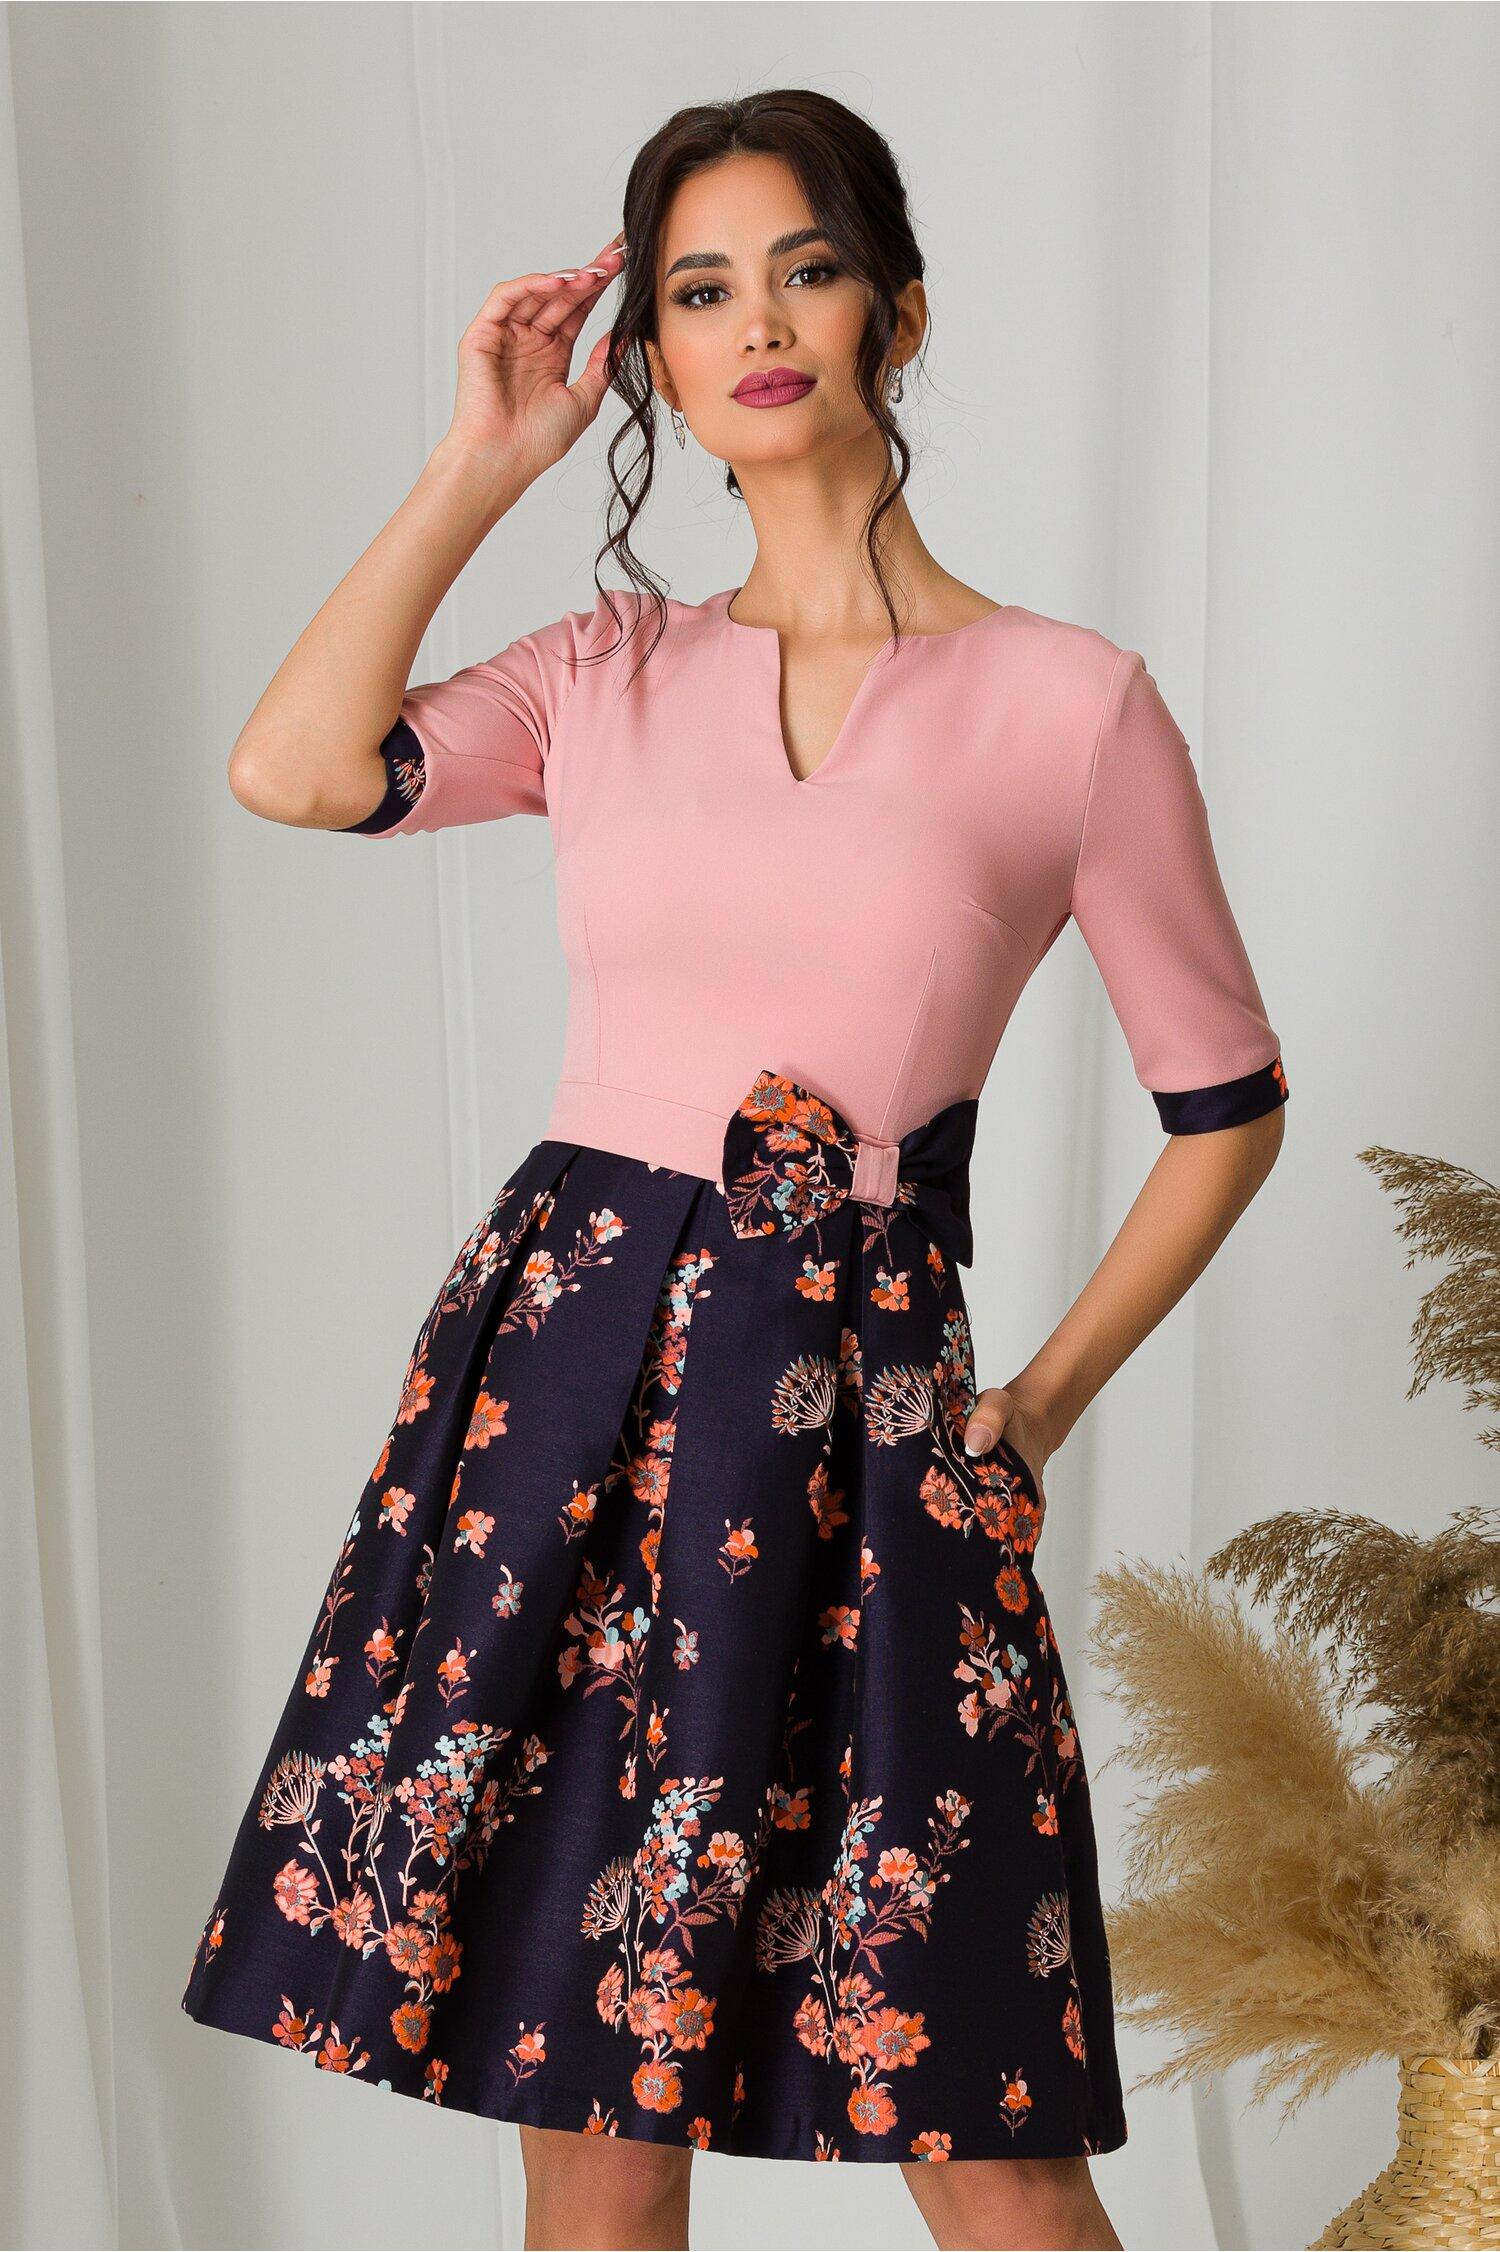 Rochie MBG cu bust roz si fusta neagra cu imprimeuri florale